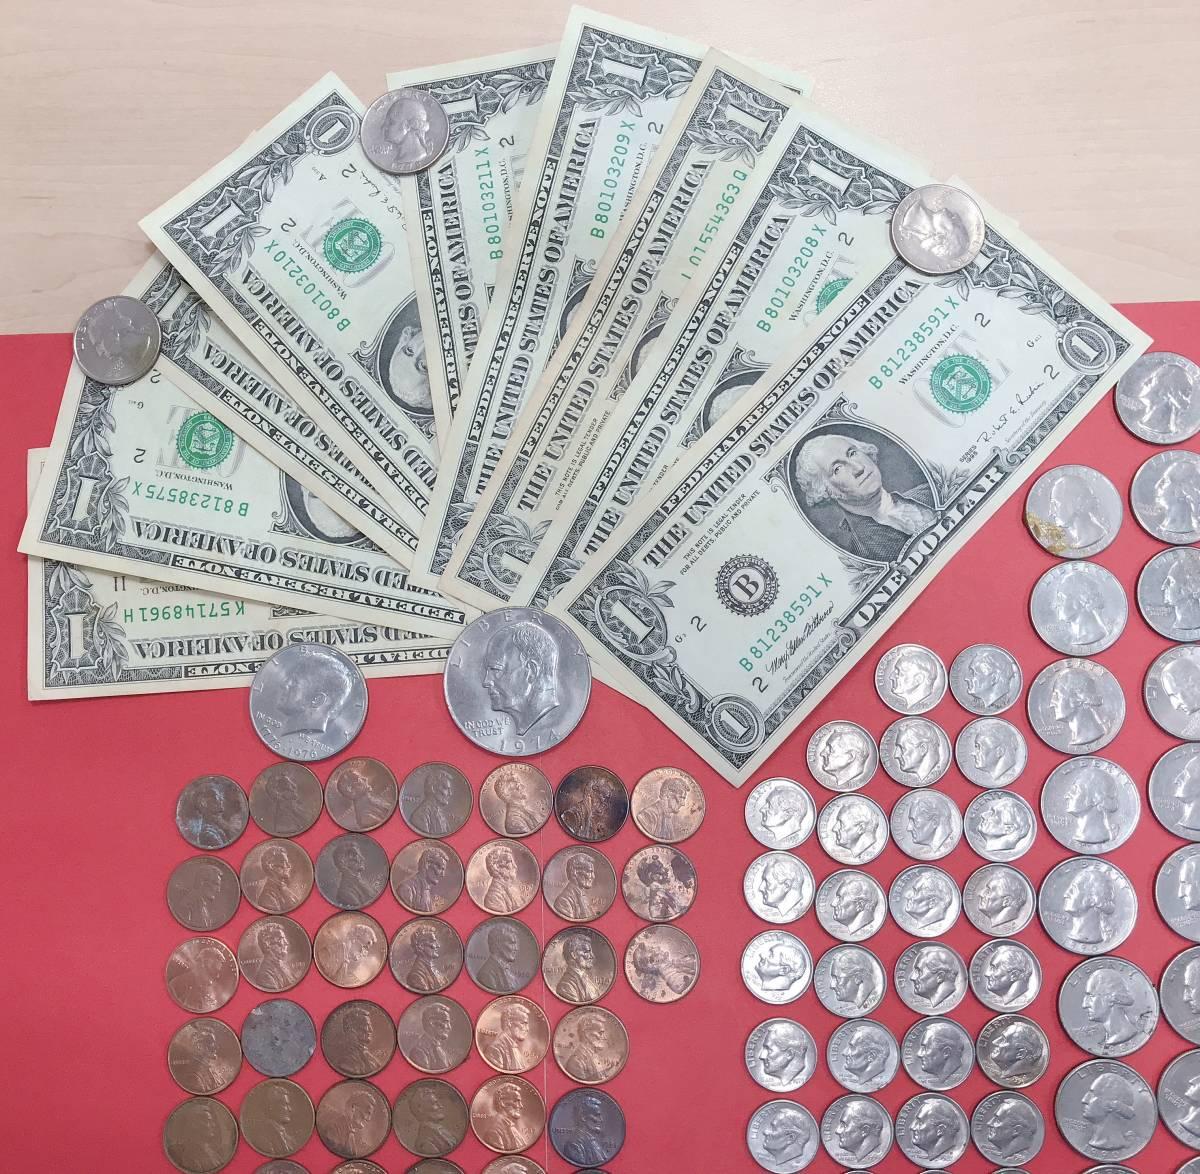 ◆◇【外国銭おまとめ】 アメリカ ドル 紙幣・コイン 26658A  ◇◆_画像2